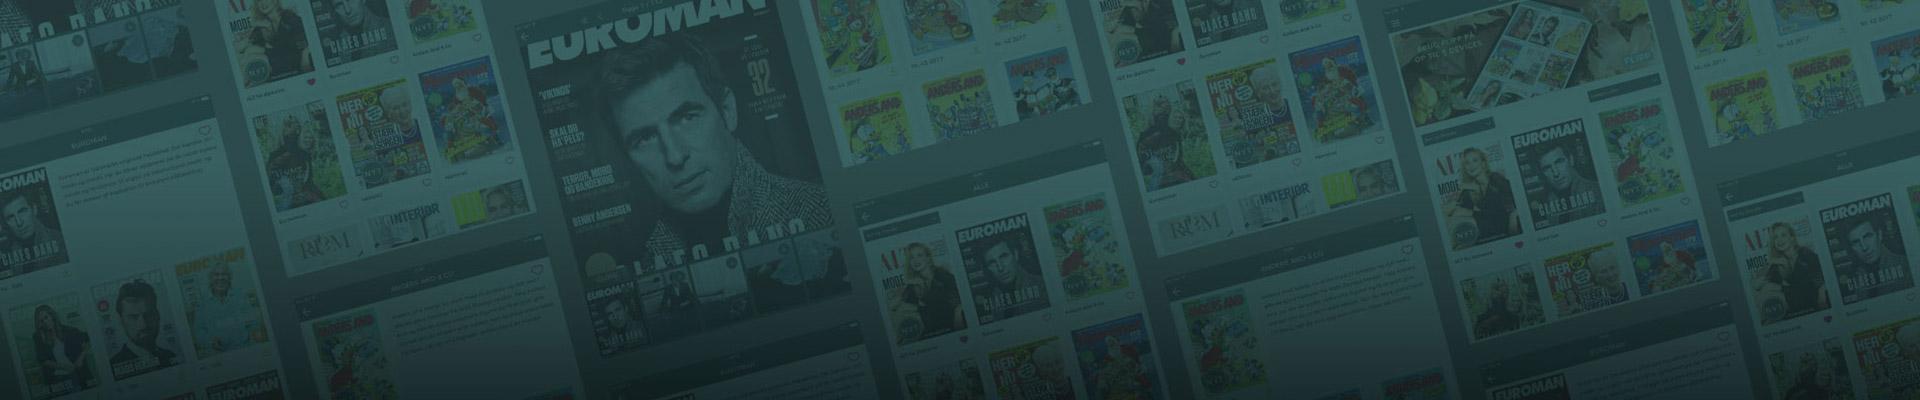 Header image of Egmont Publishing